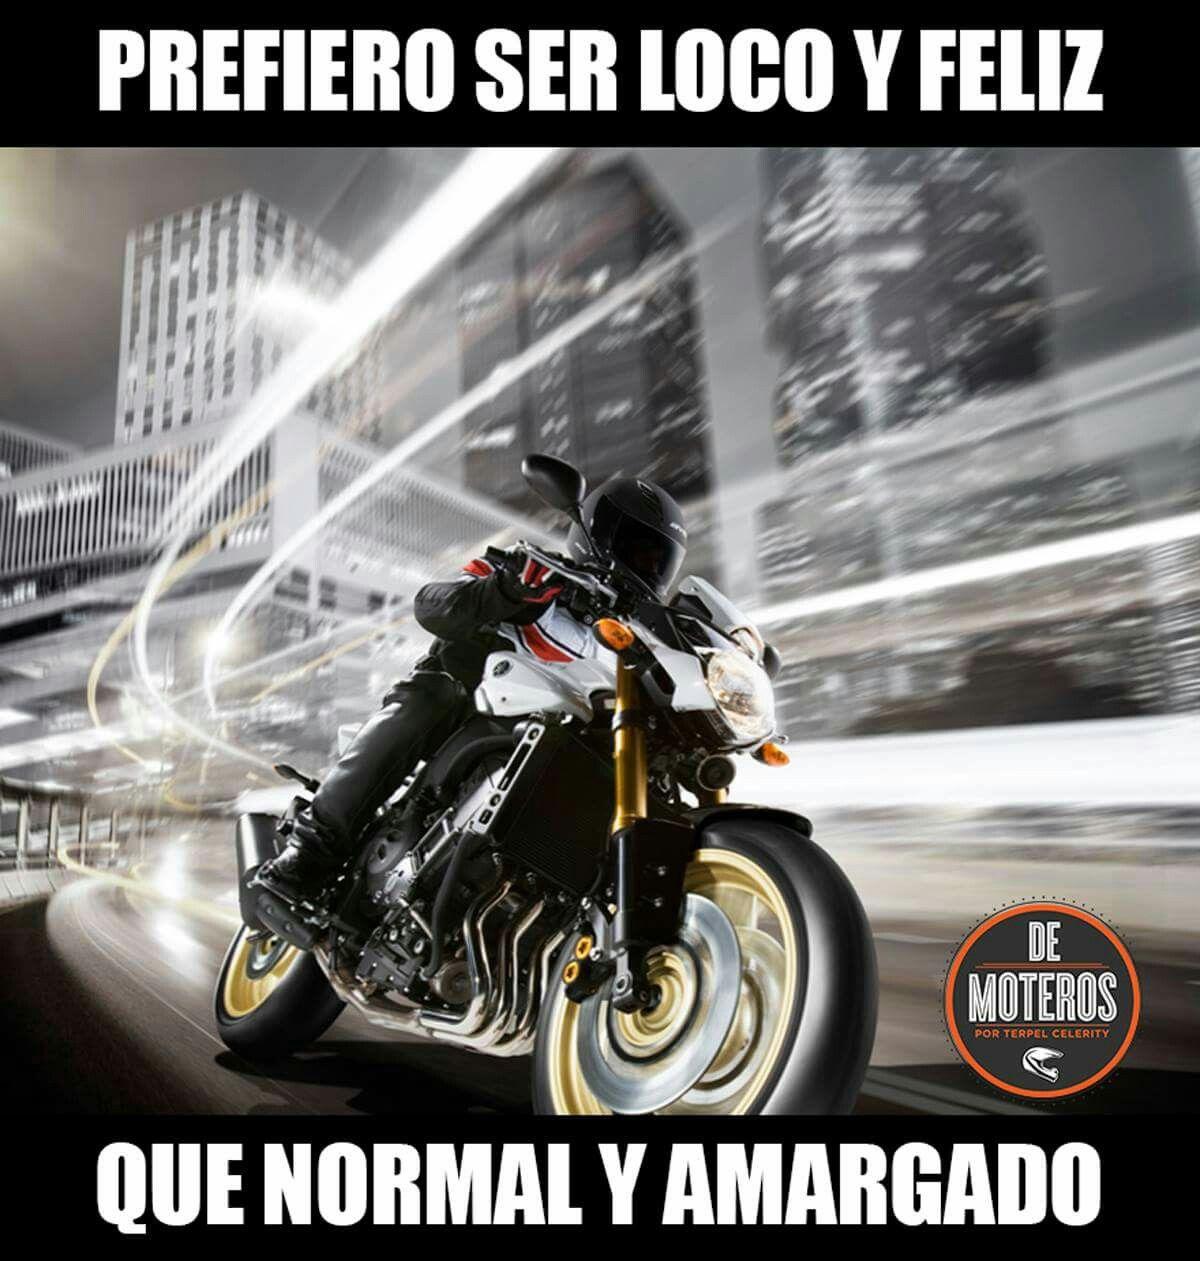 Las Mejores Imagenes De Motos Con Frases De Amor Para Tu